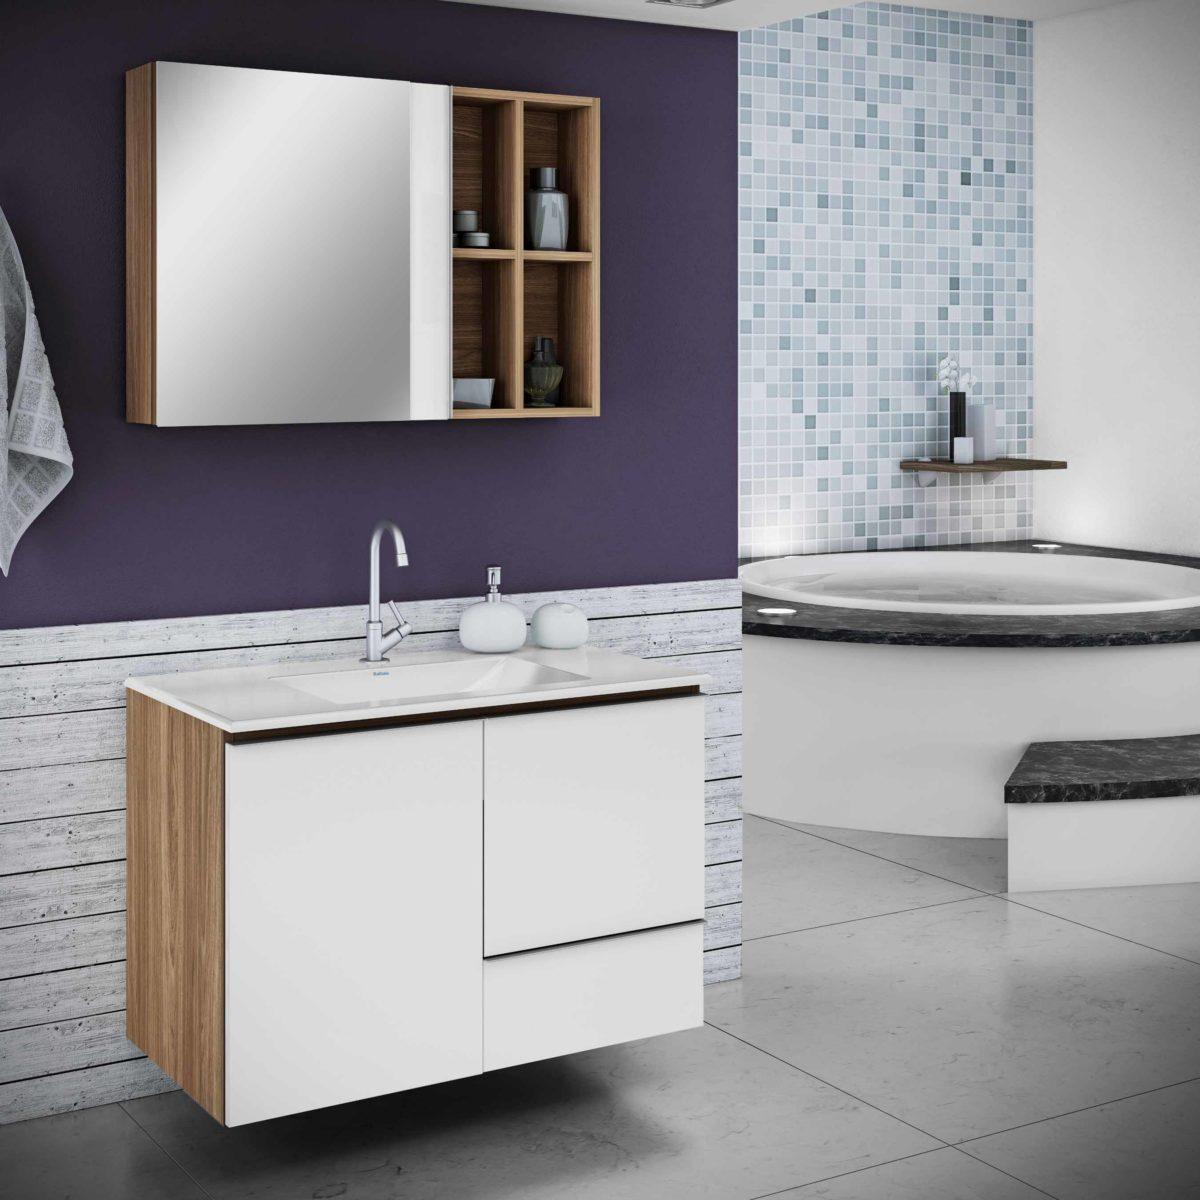 Confira Modernos Armários com Espelhos para Banheiro  Ideias Mix -> Armario De Banheiro Com Espelho Crismetal